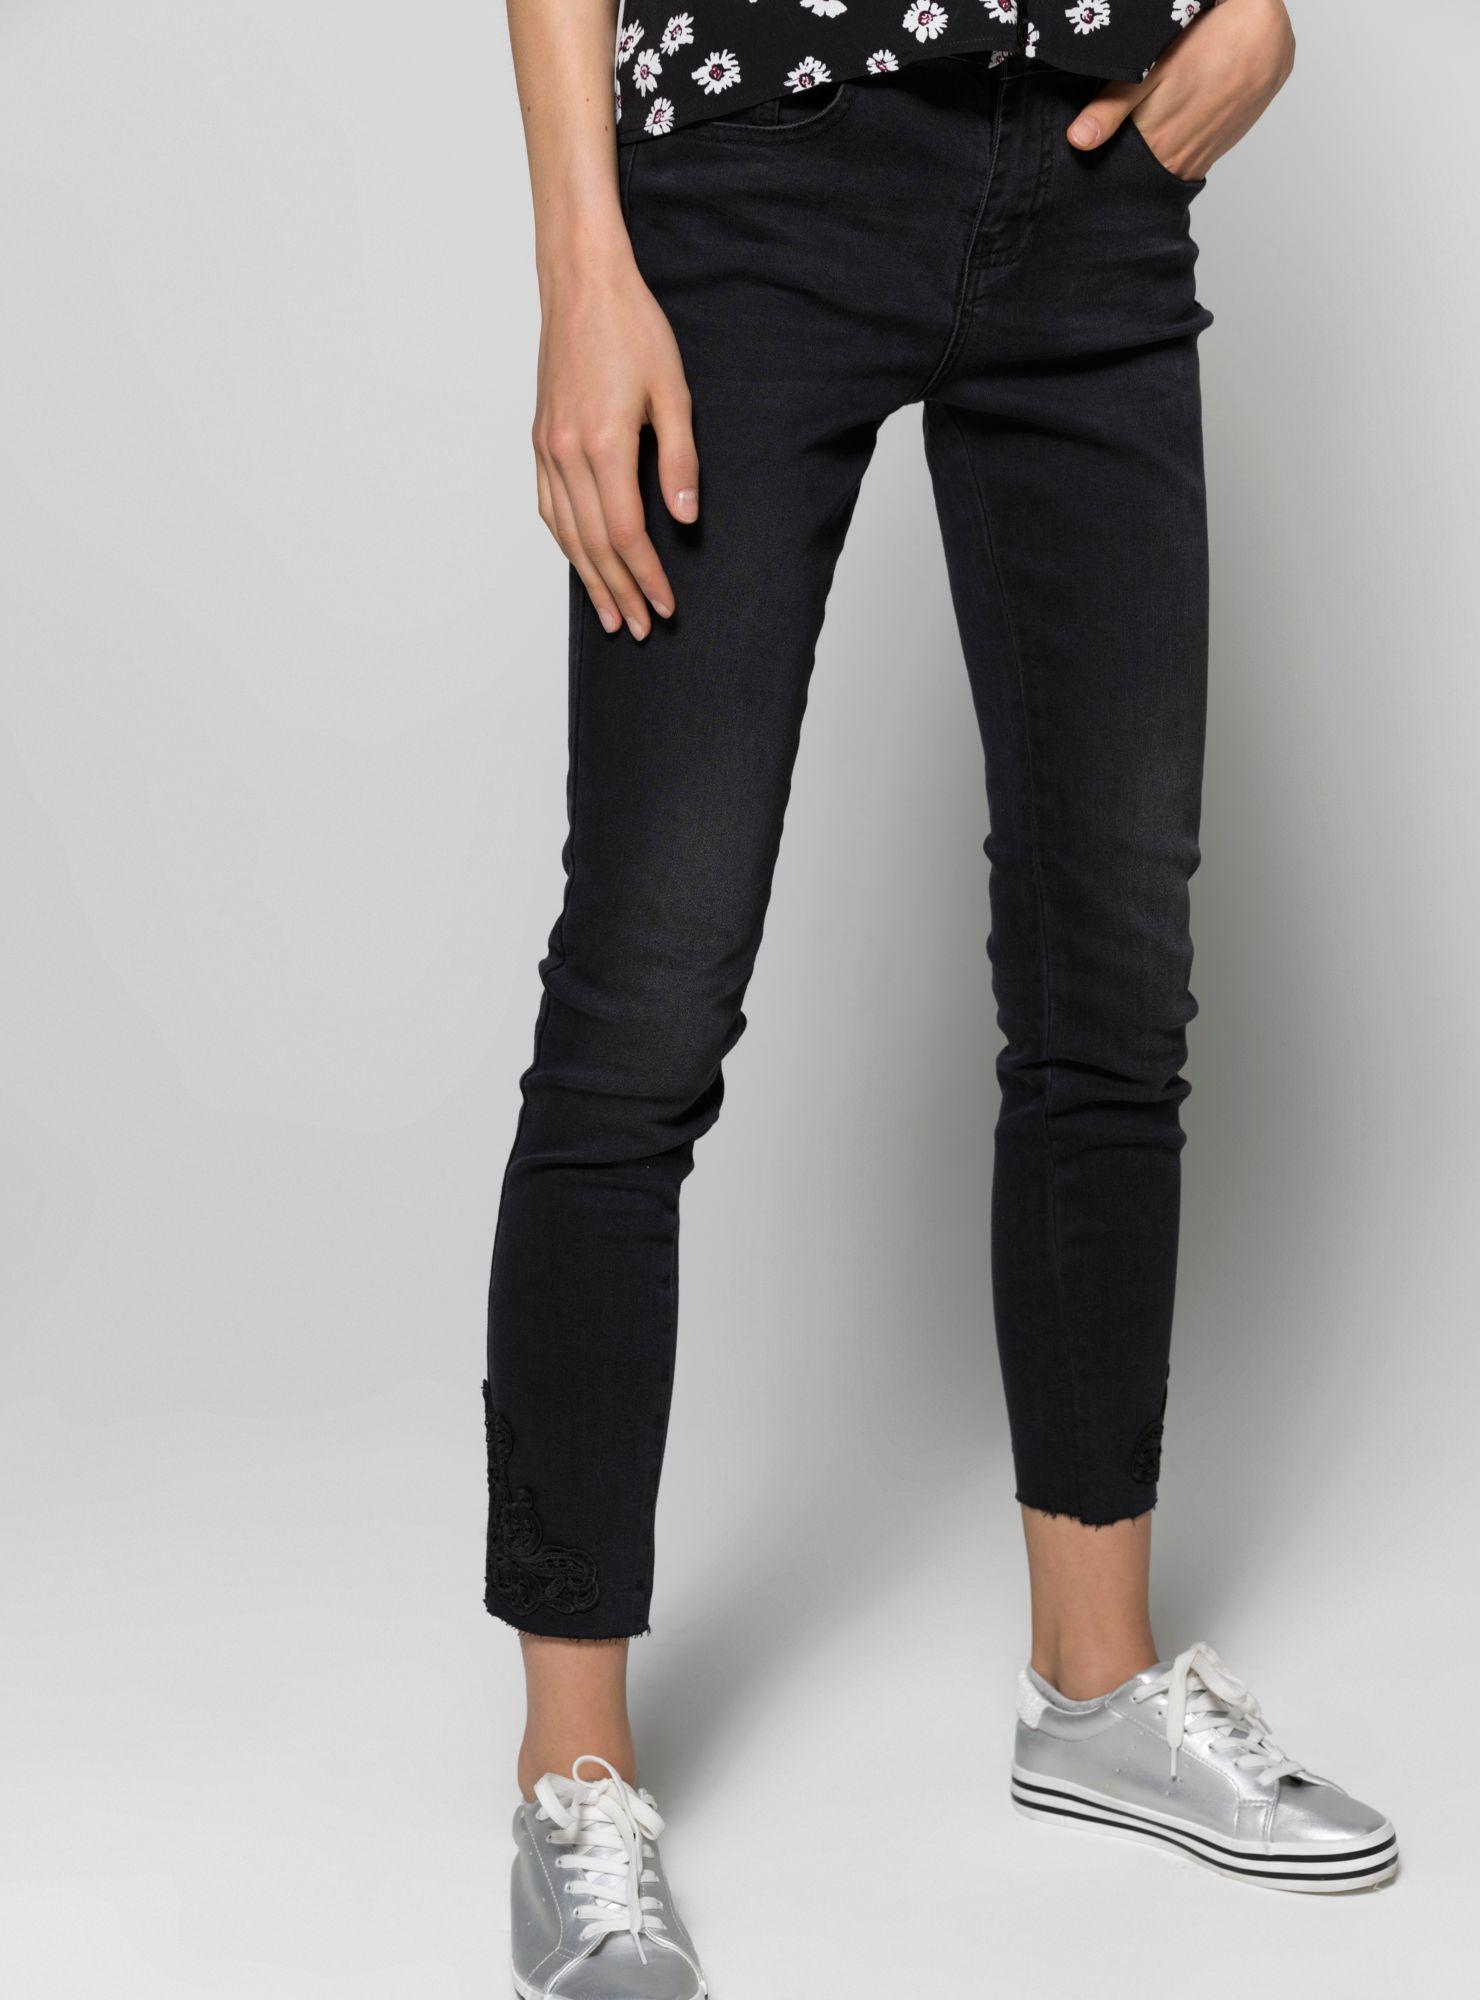 Bordada Terminación Jeans Jeans Terminación Unlimited xtvWTwHq10